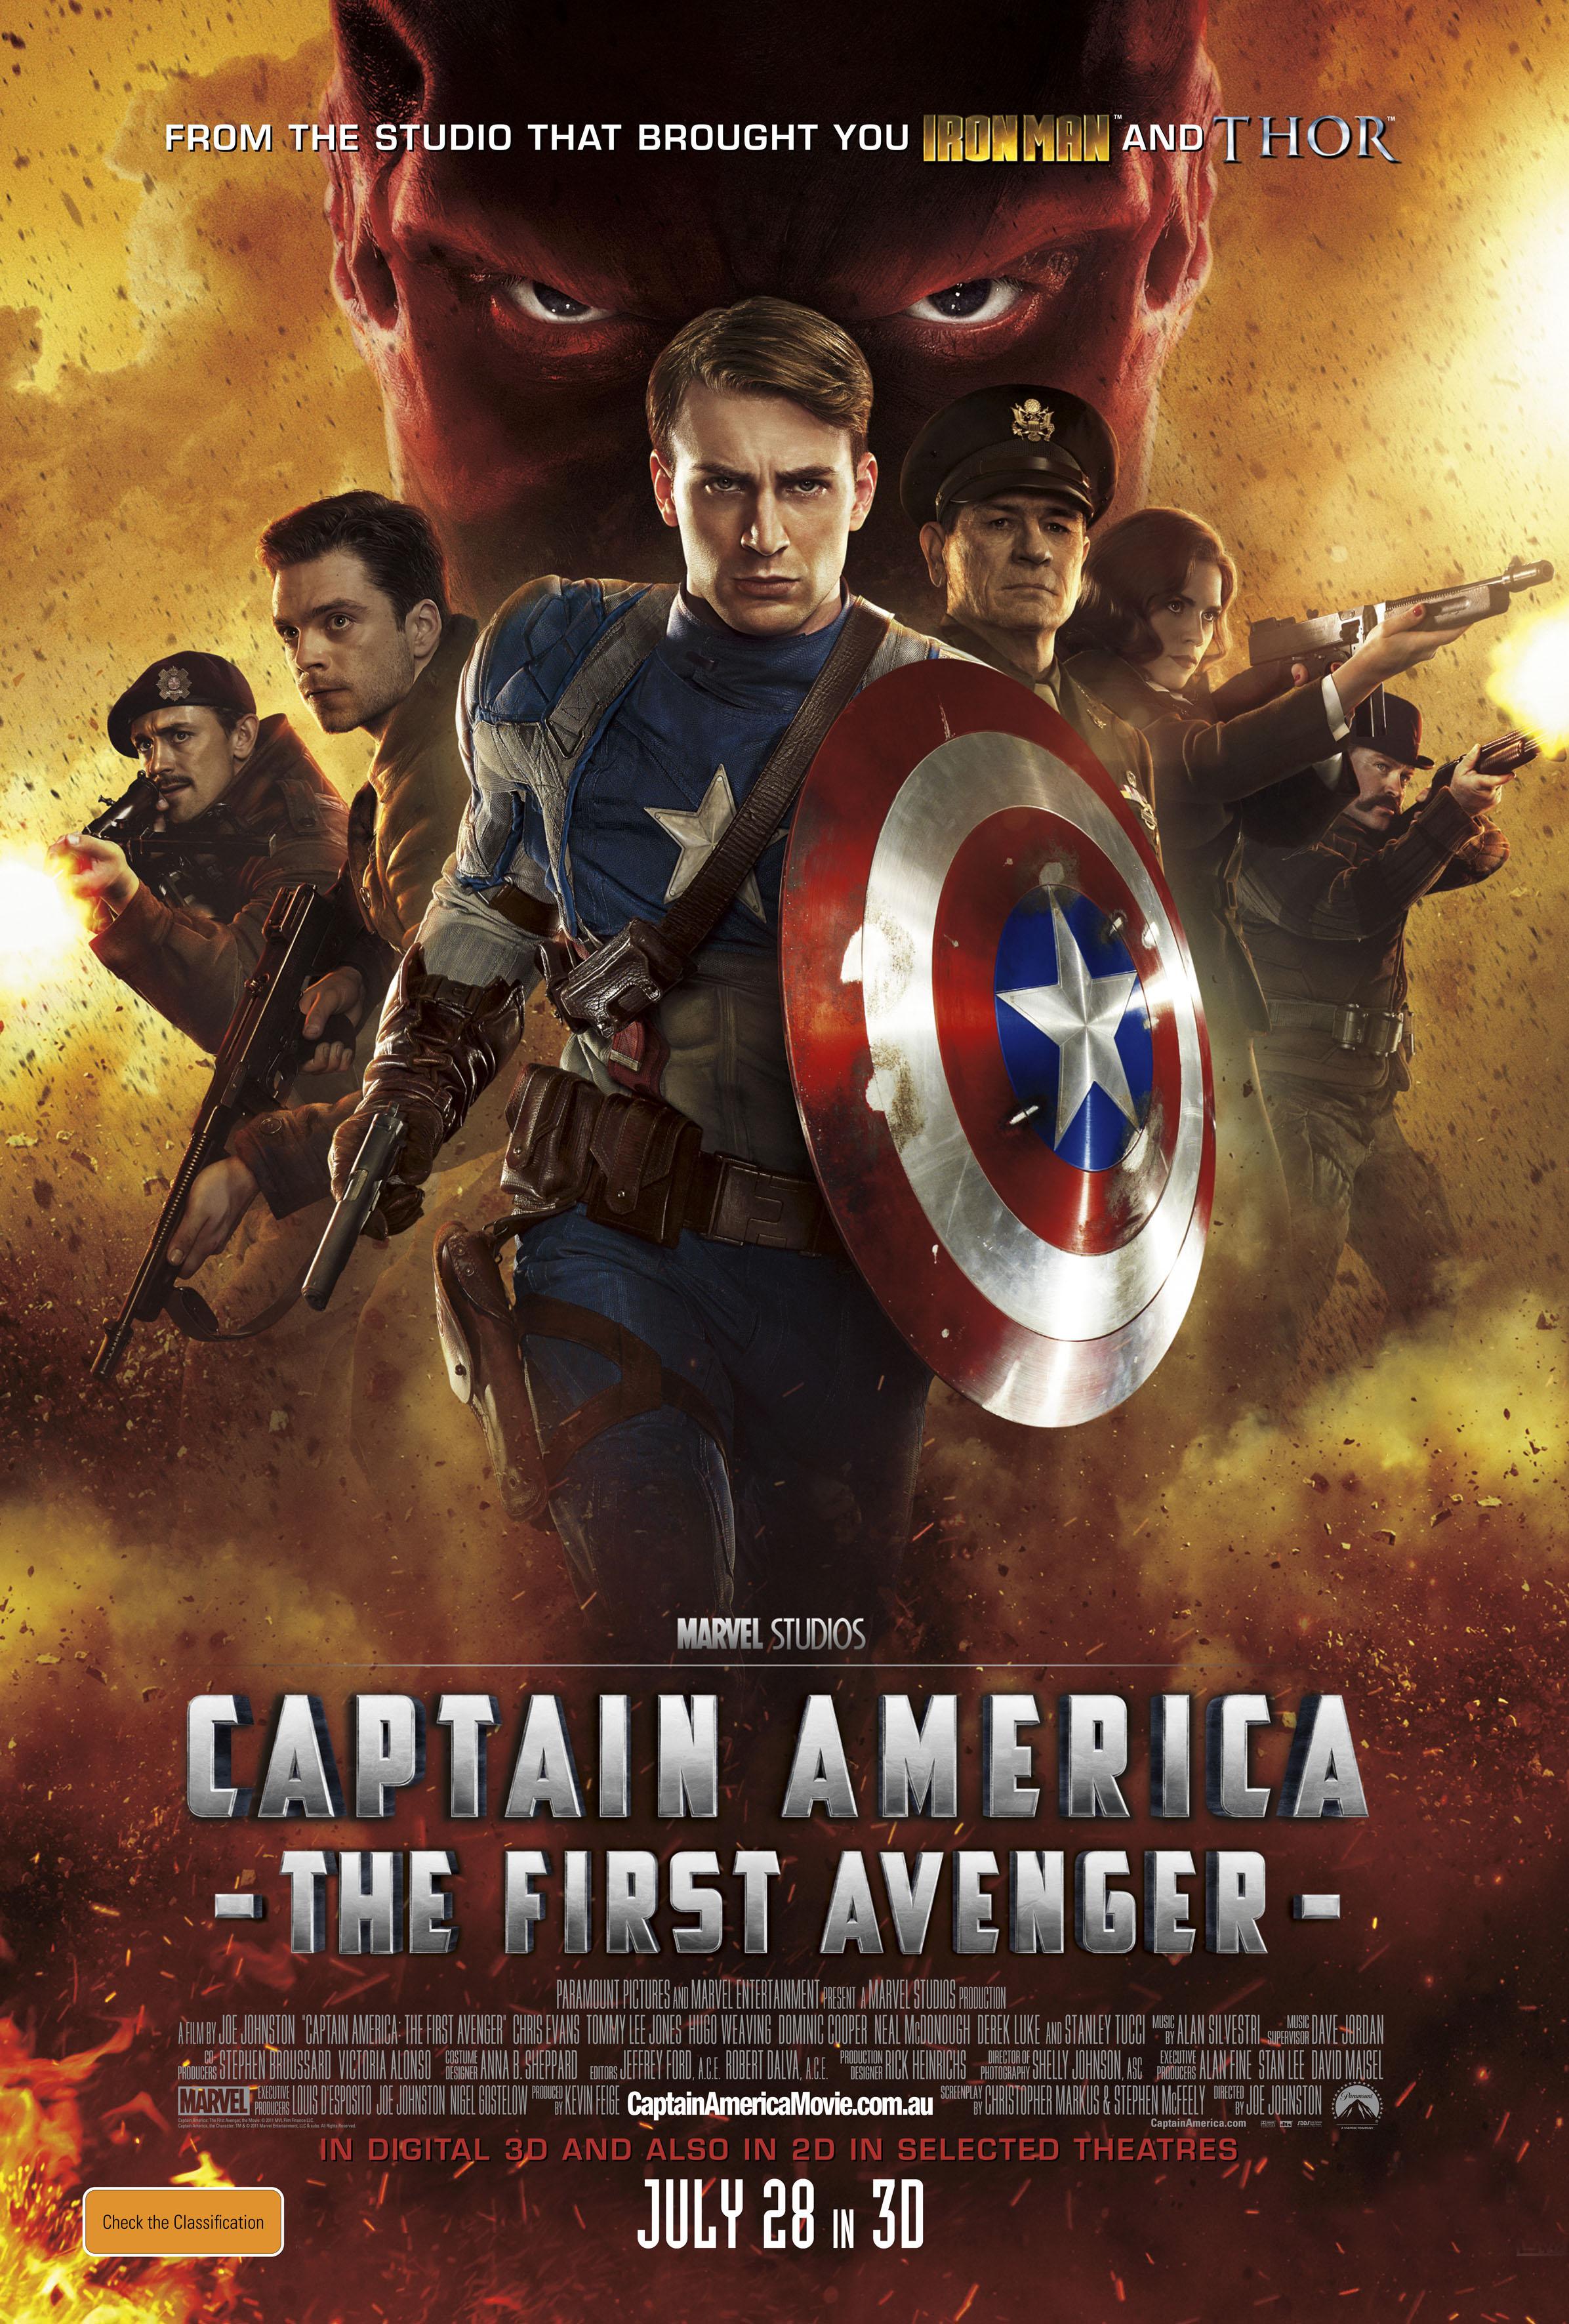 Captain America: The First Avenger - One-sheet (Australia)